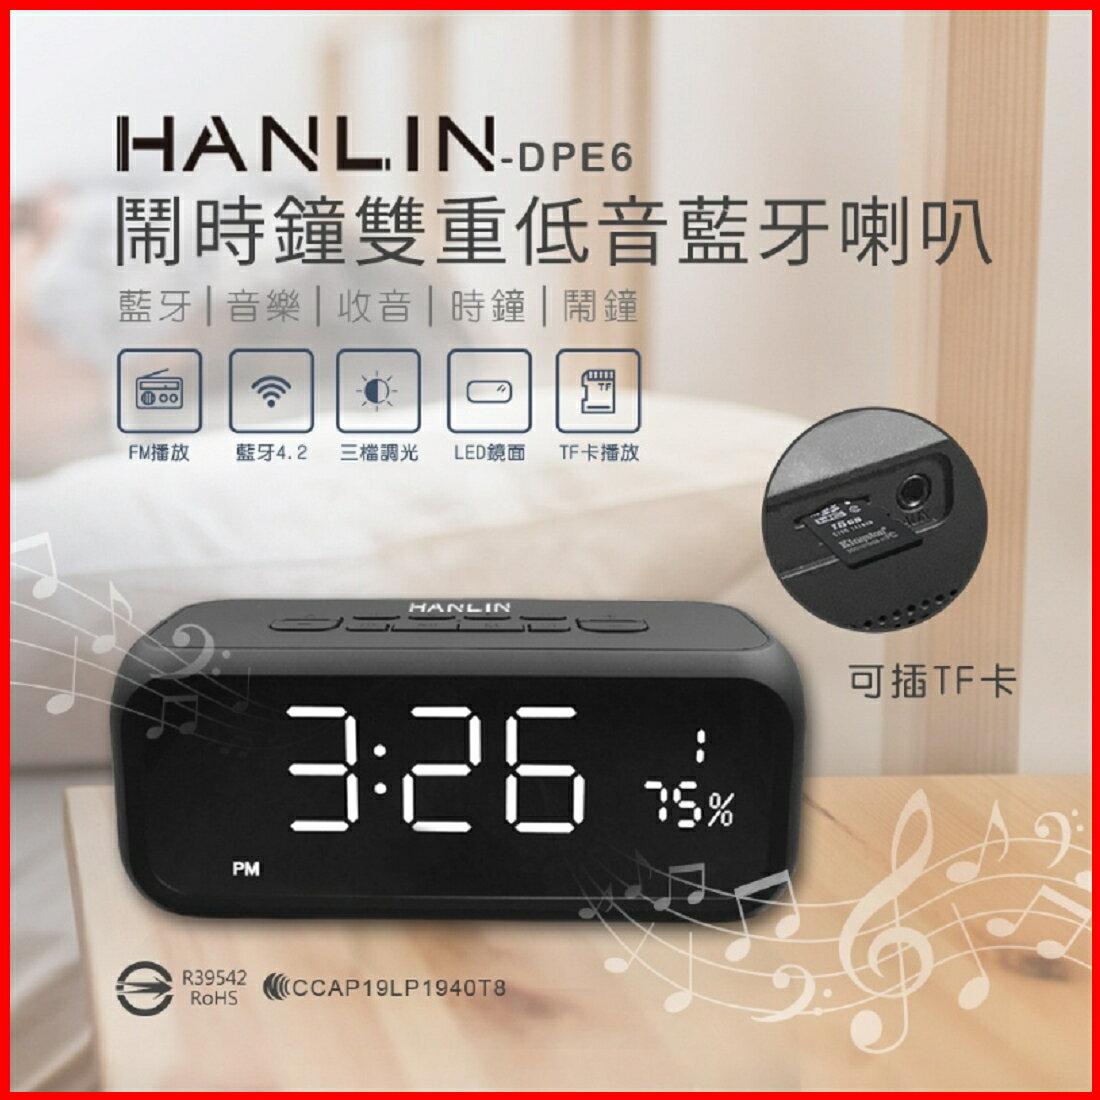 HANLIN DPE6 高檔藍牙重低音喇叭鬧鐘 床頭音響 LED液晶顯示 電子時鐘 藍芽喇叭 FM收音機 HiFi立體聲